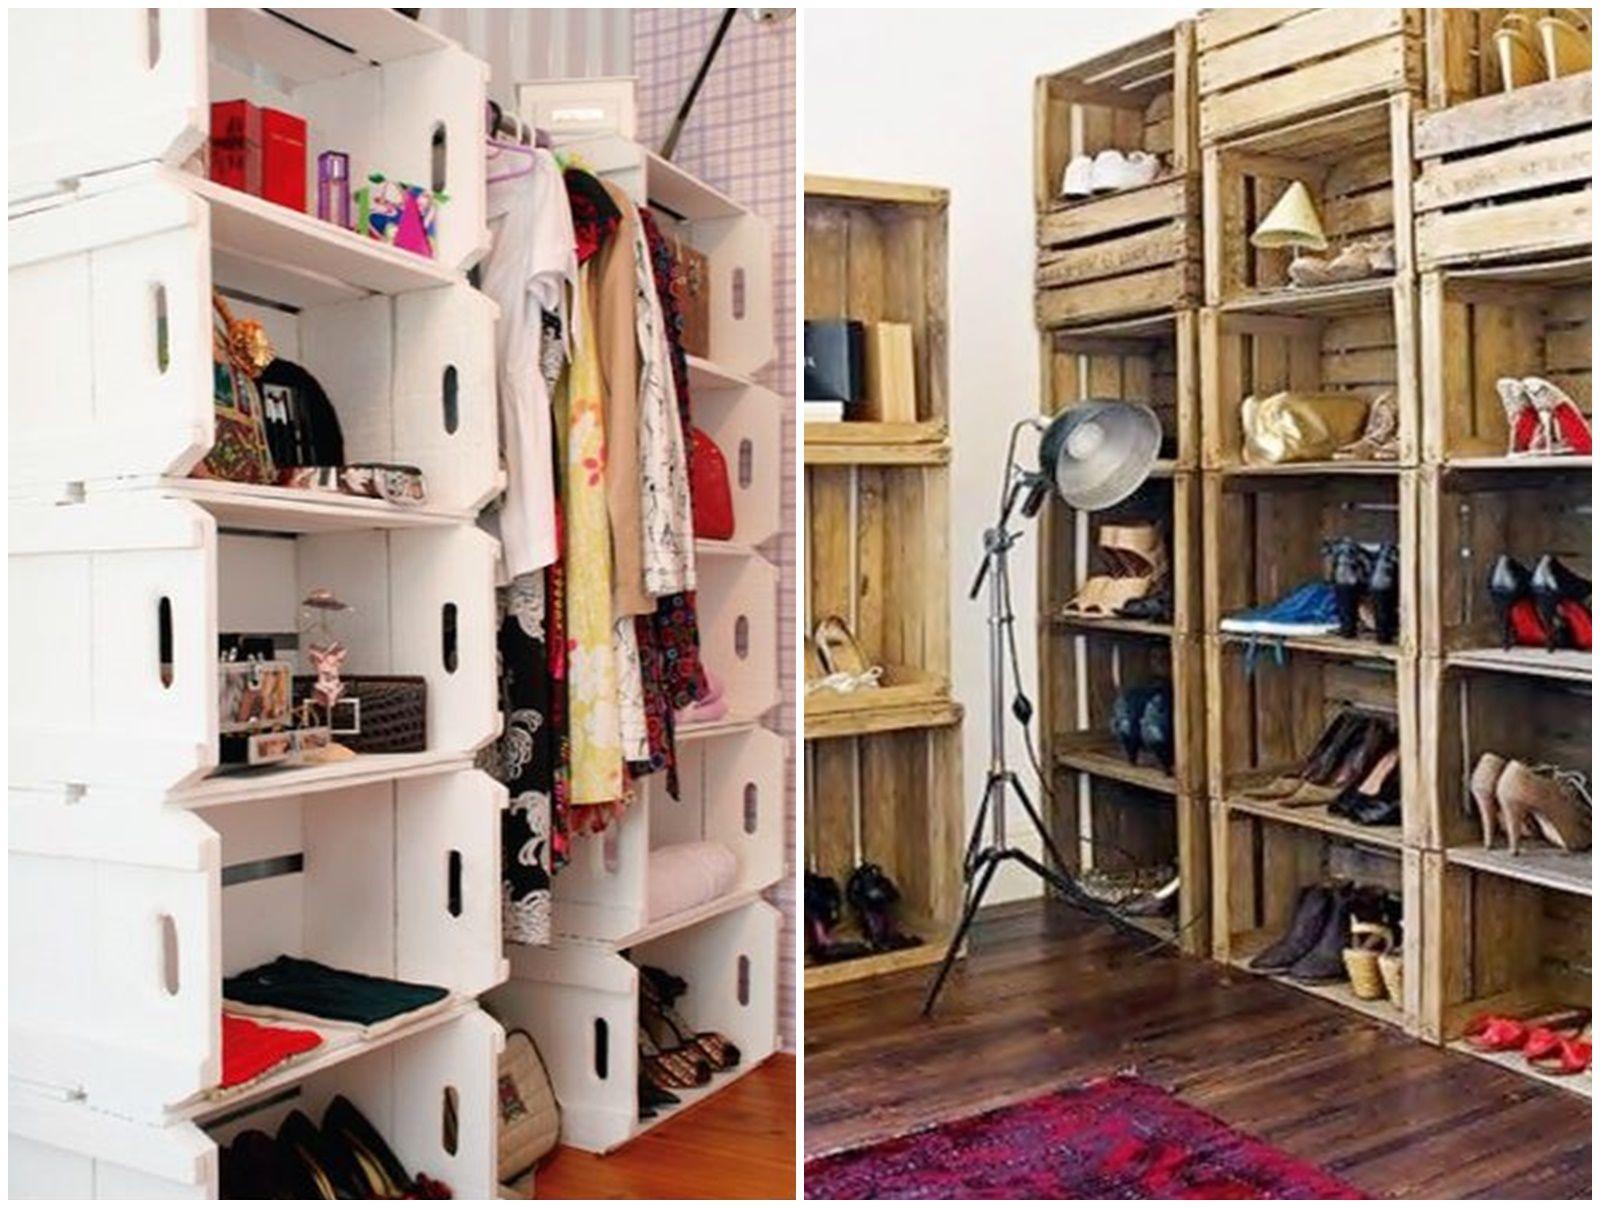 Aparador Sofa Table ~ Closet feito com caixotes de feira decor CAIXOTES DE